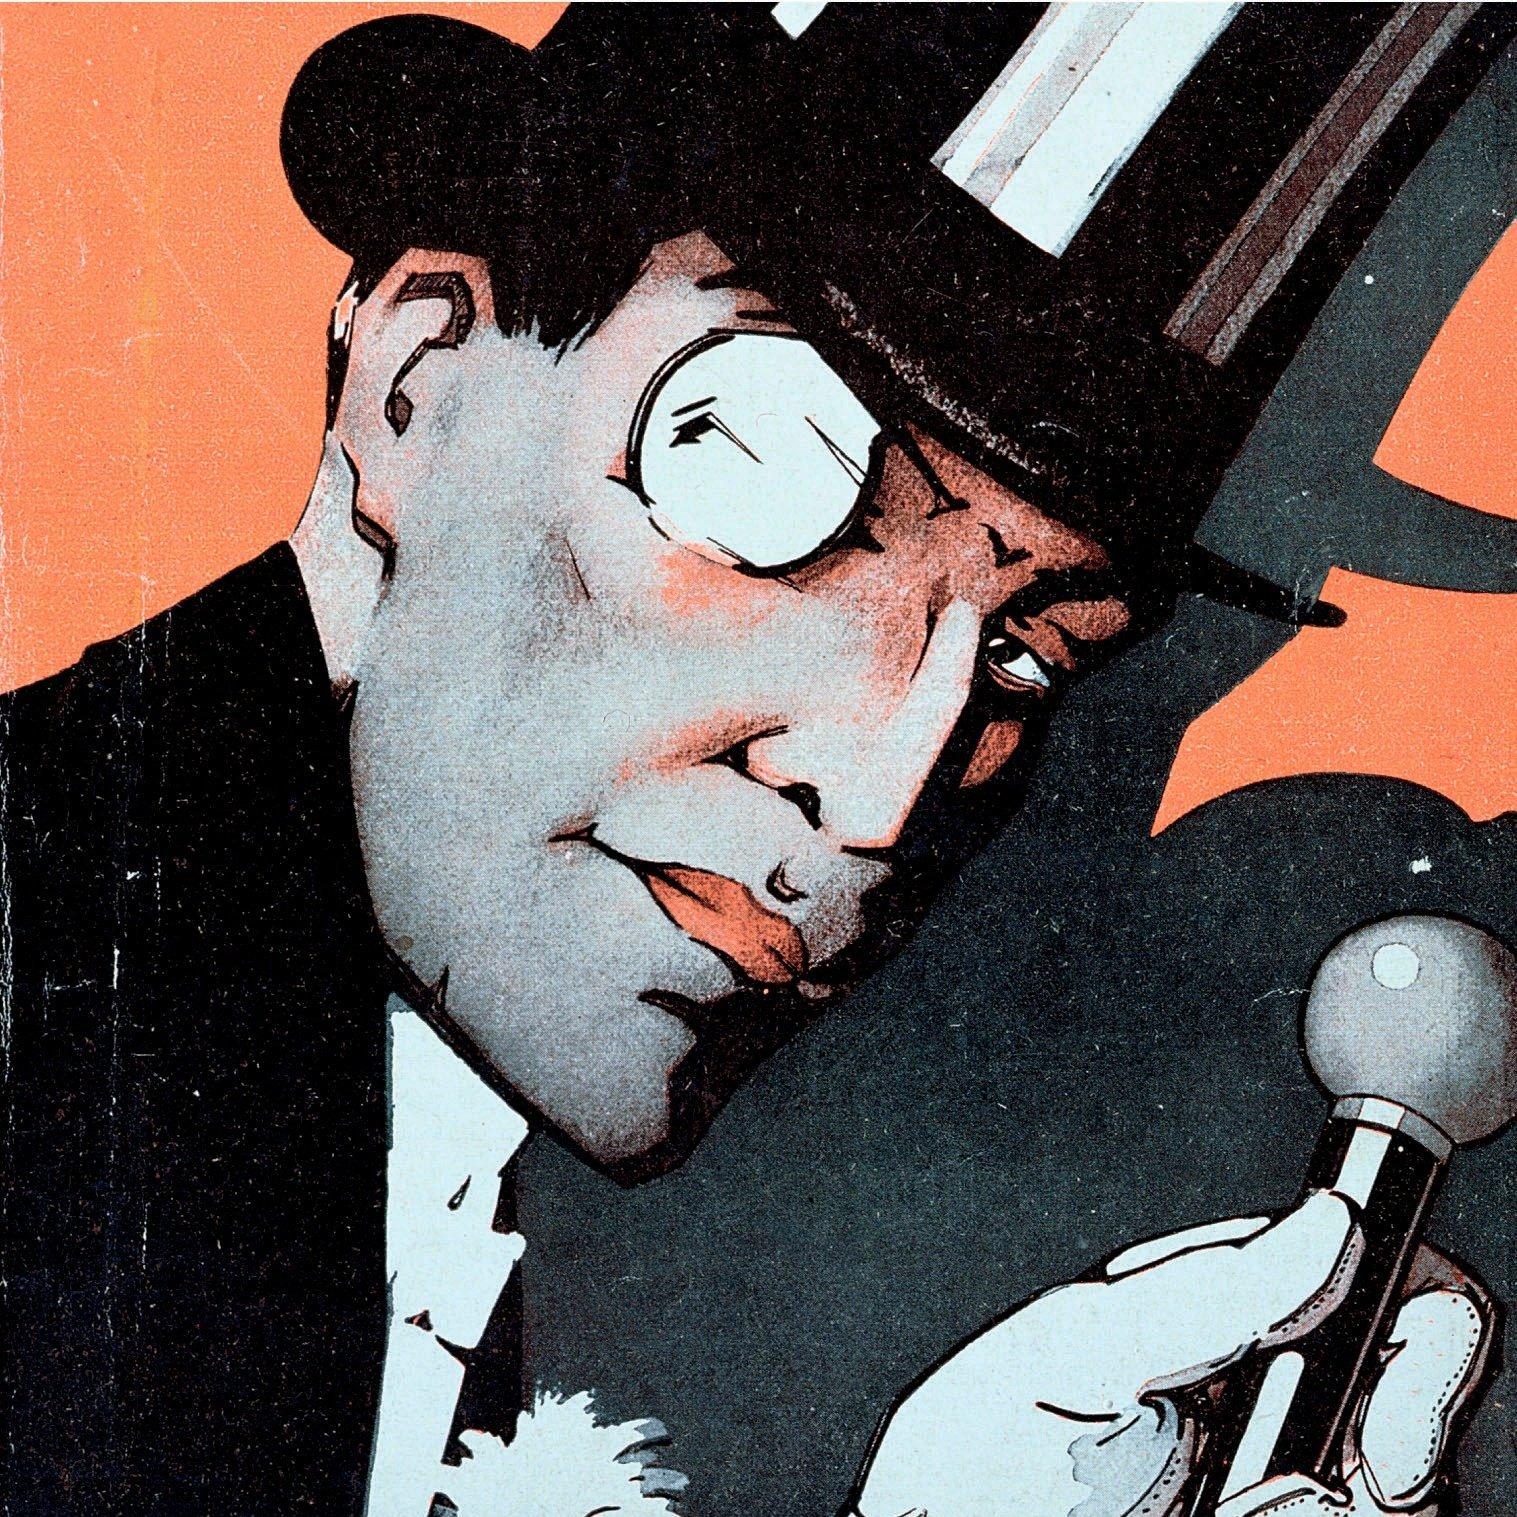 La Petite Histoire #6 | Qui a inspiré le personnage littéraire et cinématographique d'Arsène Lupin ?